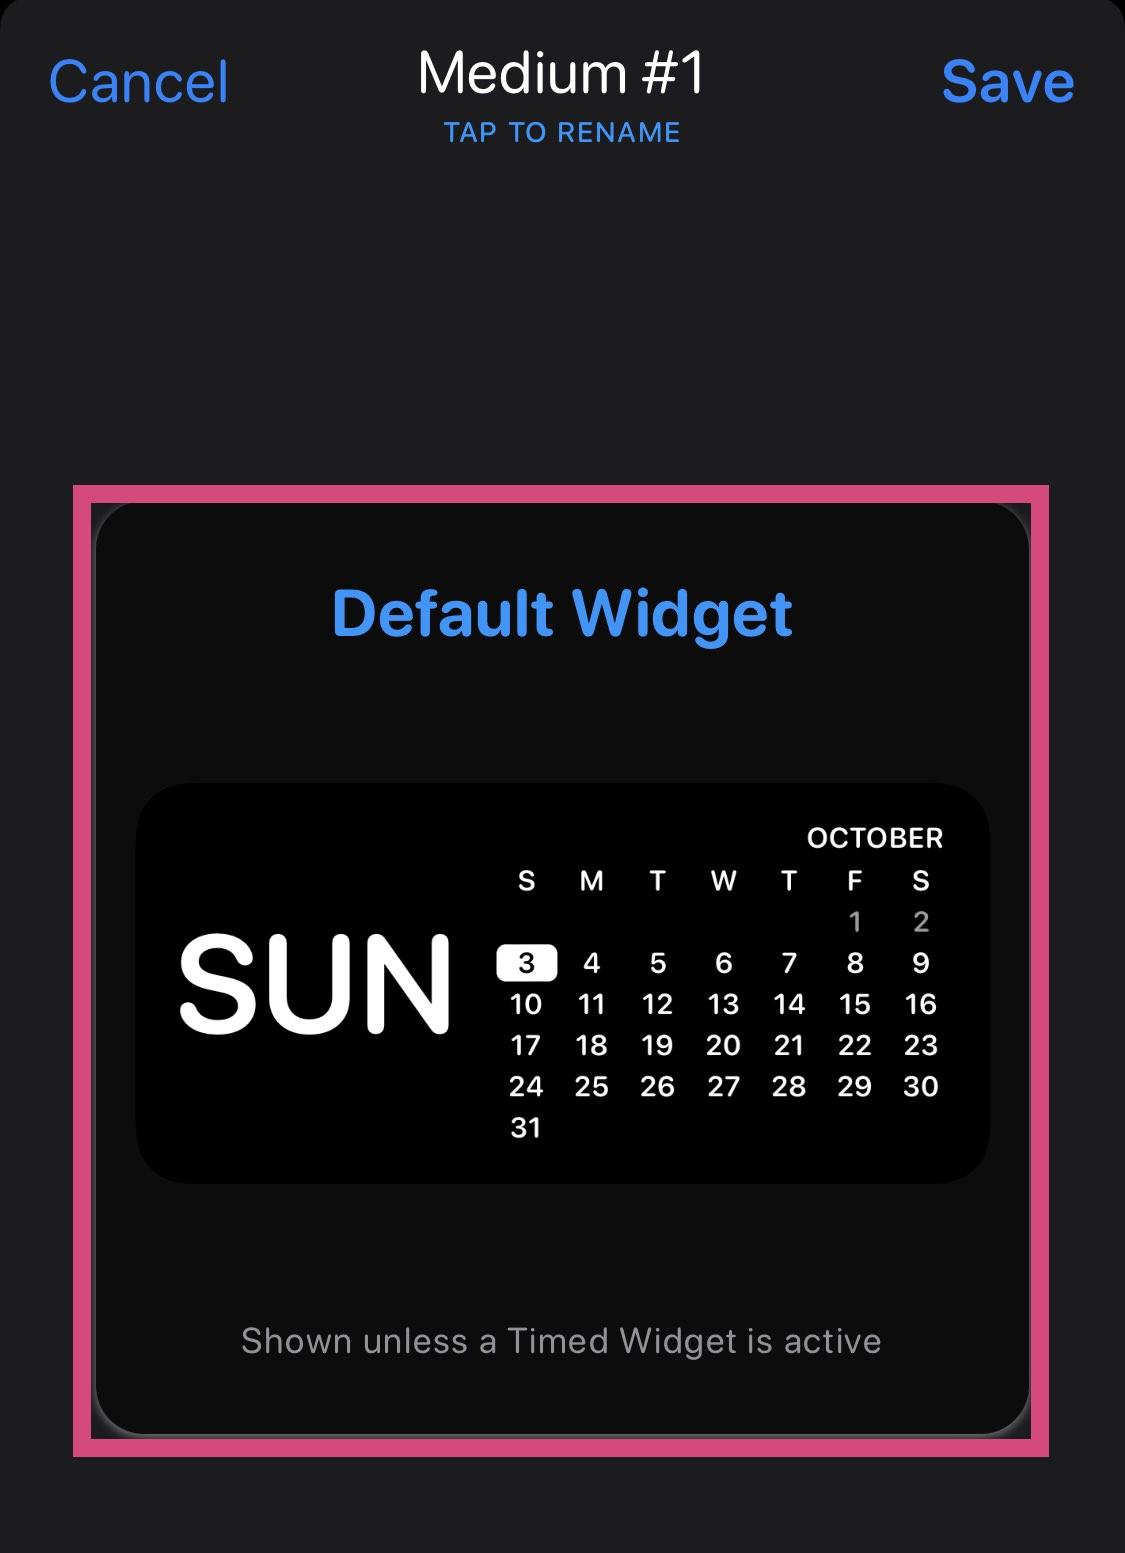 Default Widget